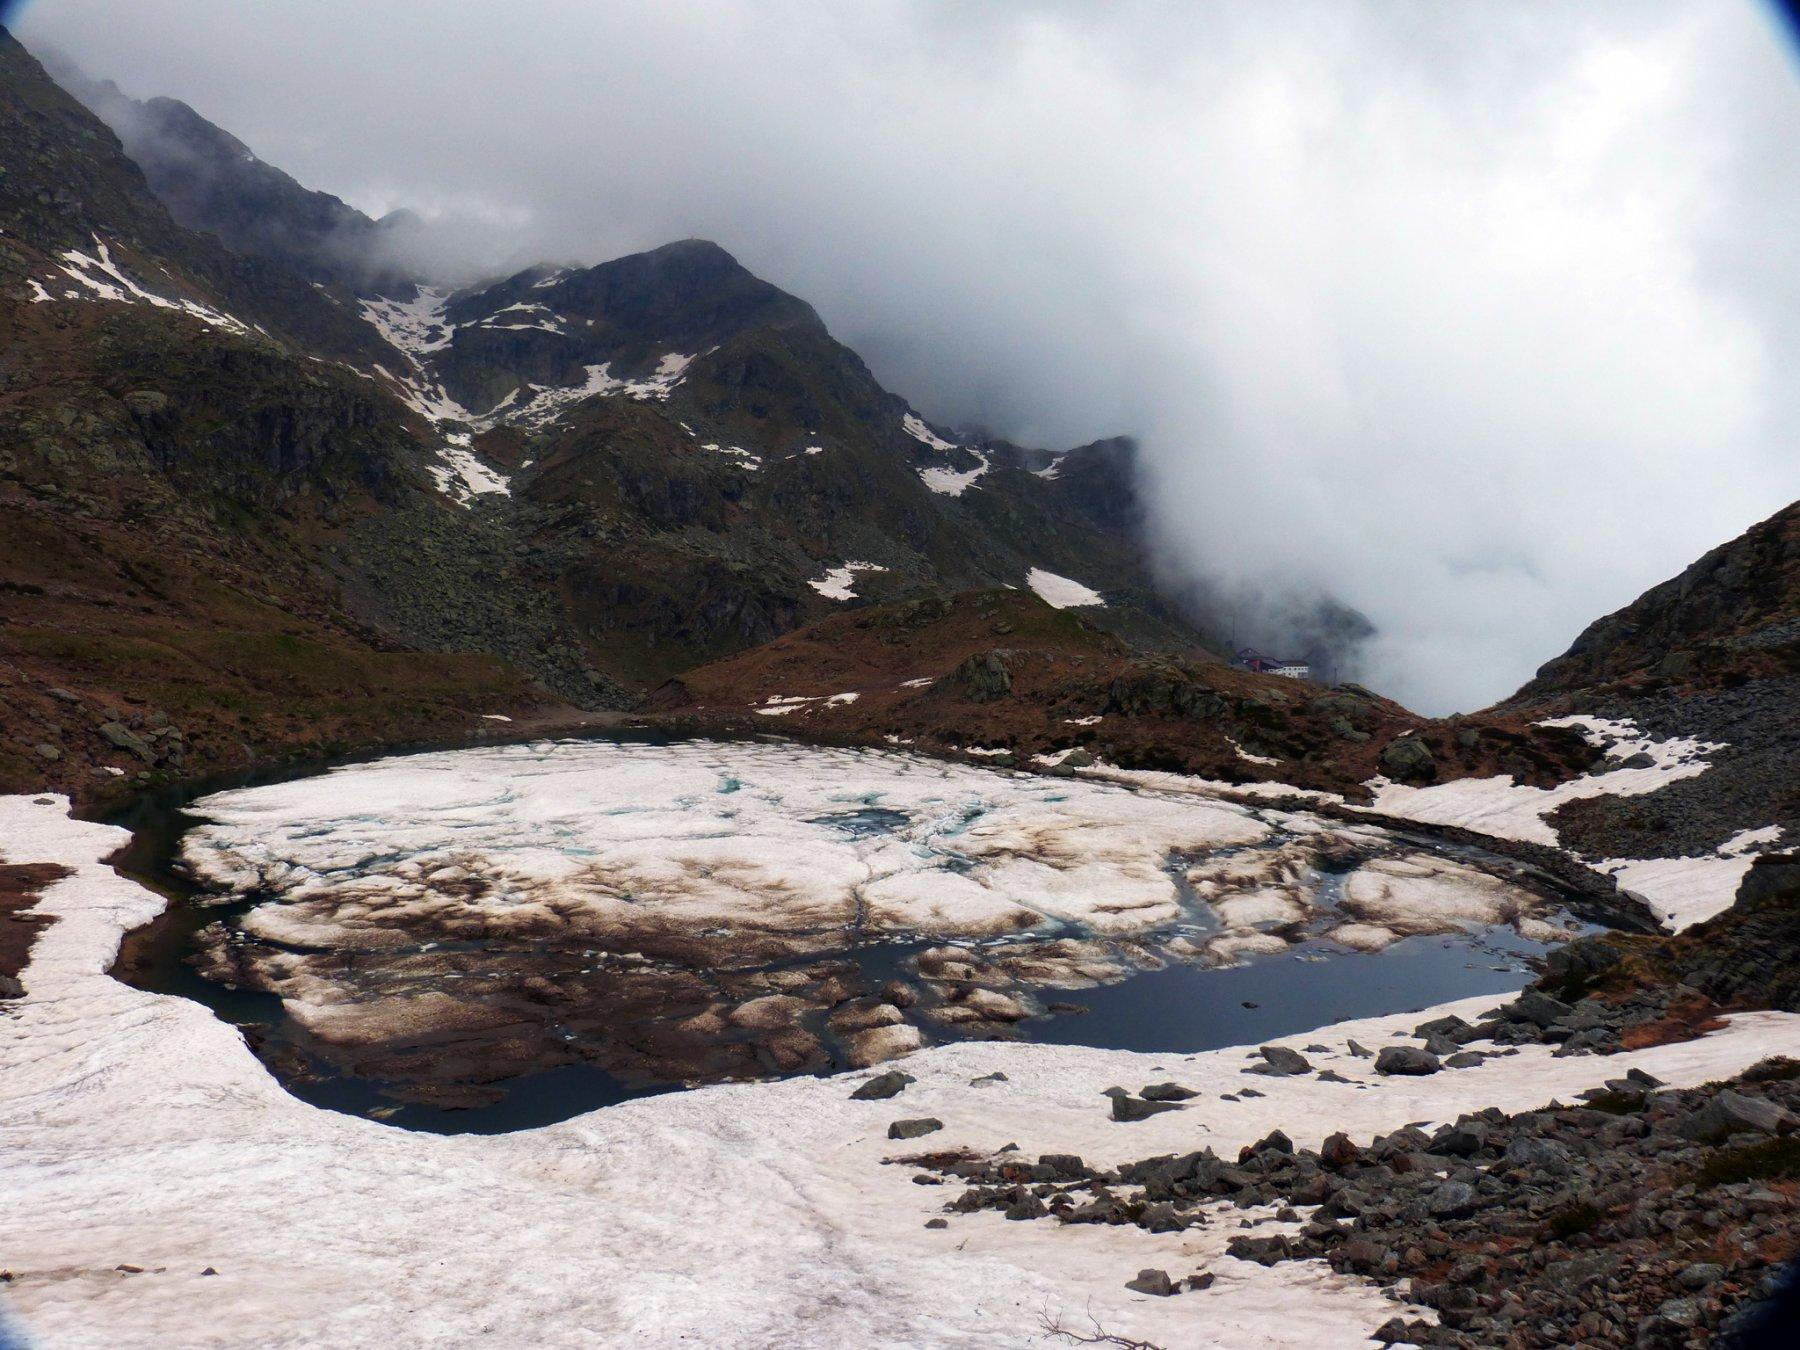 ...lago del Mucrone salendo alla ricerca di una via non trovata...